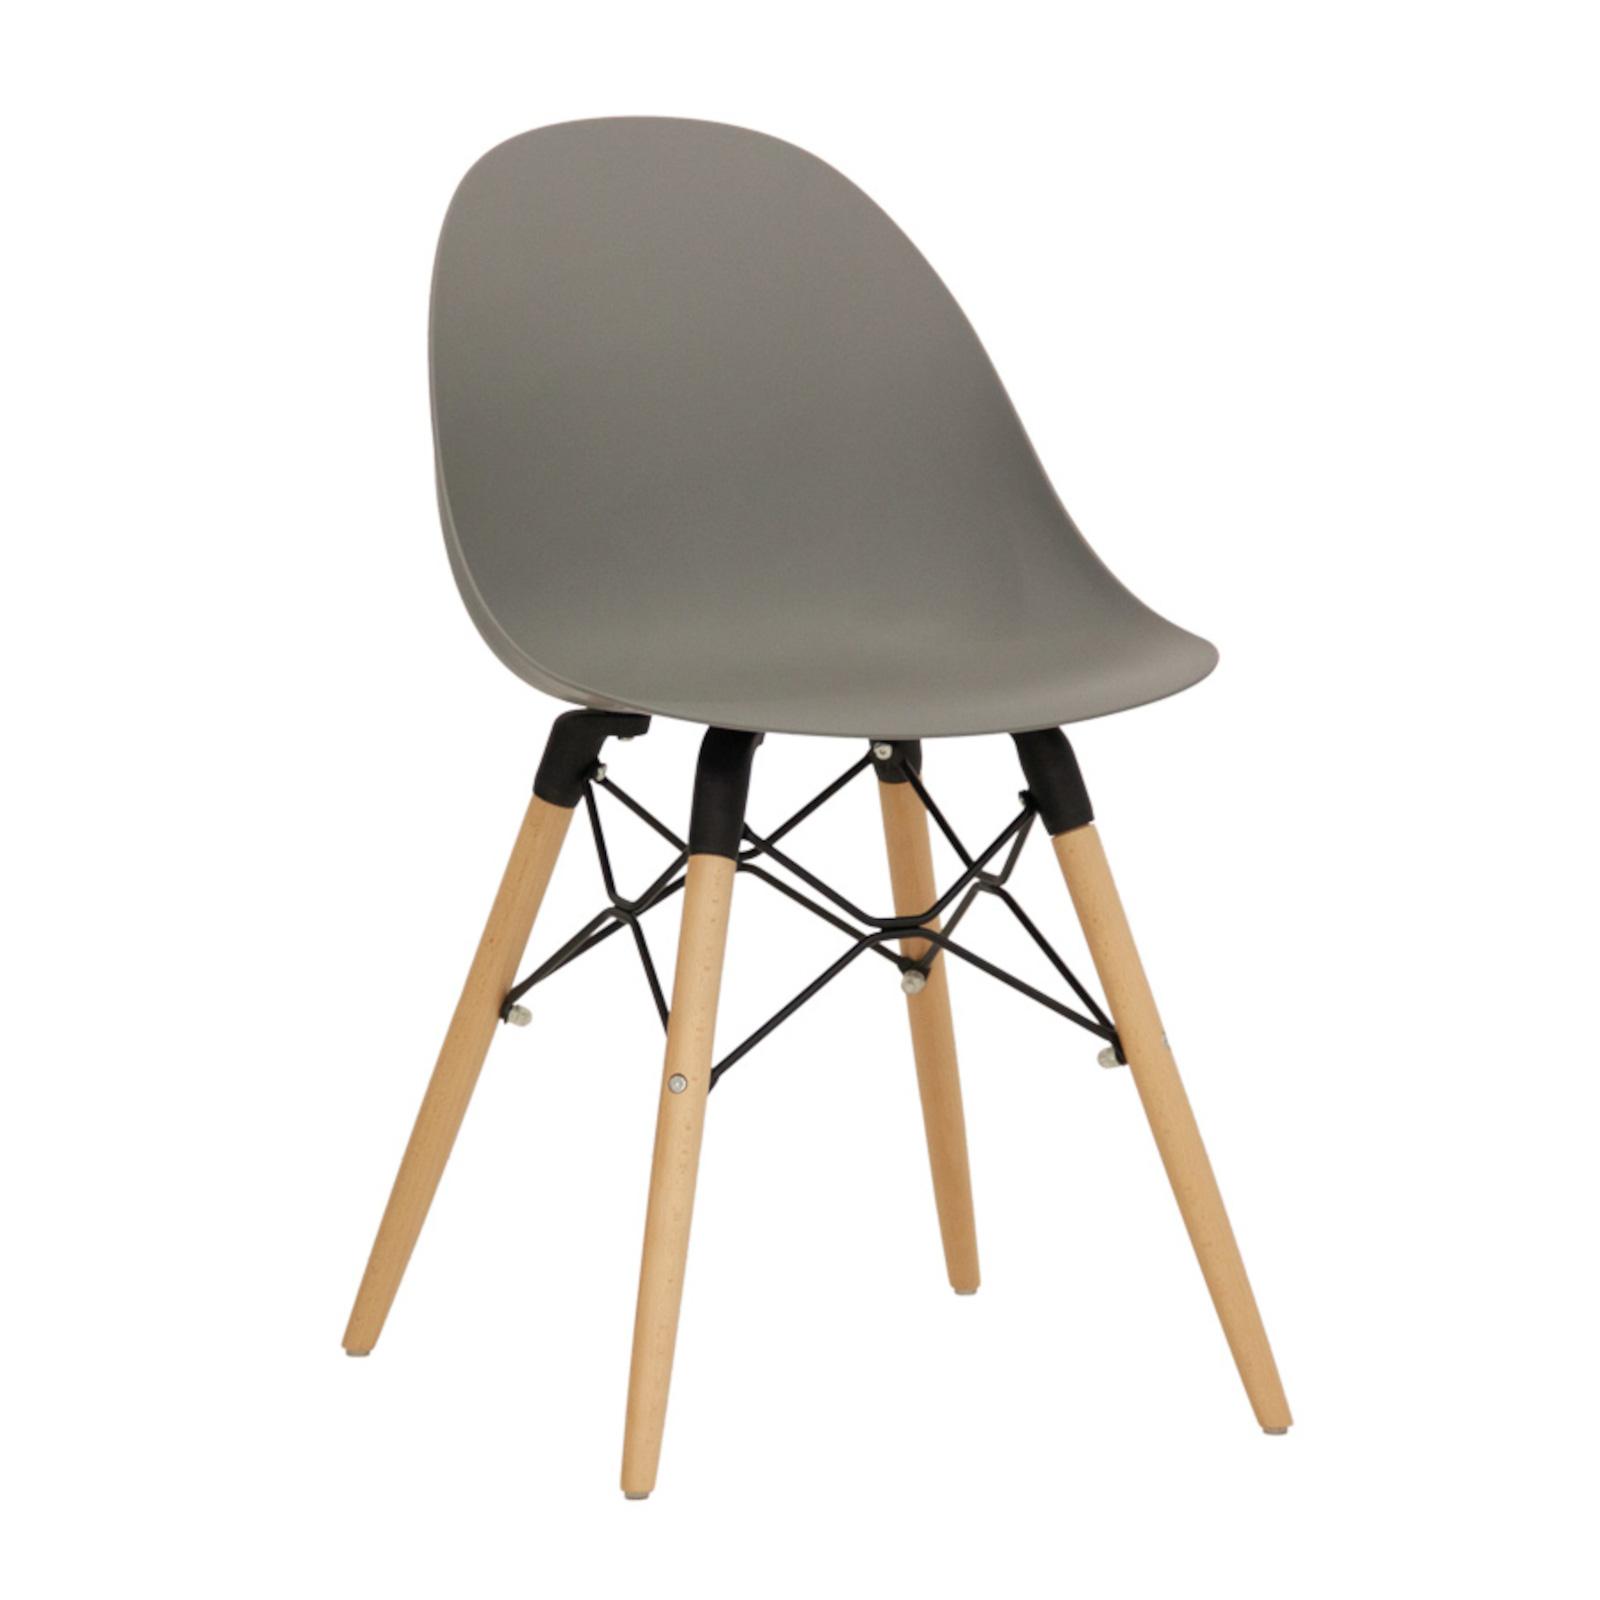 Sedie di design in legno per soggiorno con seduta in legno o imbottita, sedie con bracciolo, sedie in legno pieghevoli adatte per l'interno che per. Sedia Moderna Con Scocca In Polipropilene E Gambe In Legno